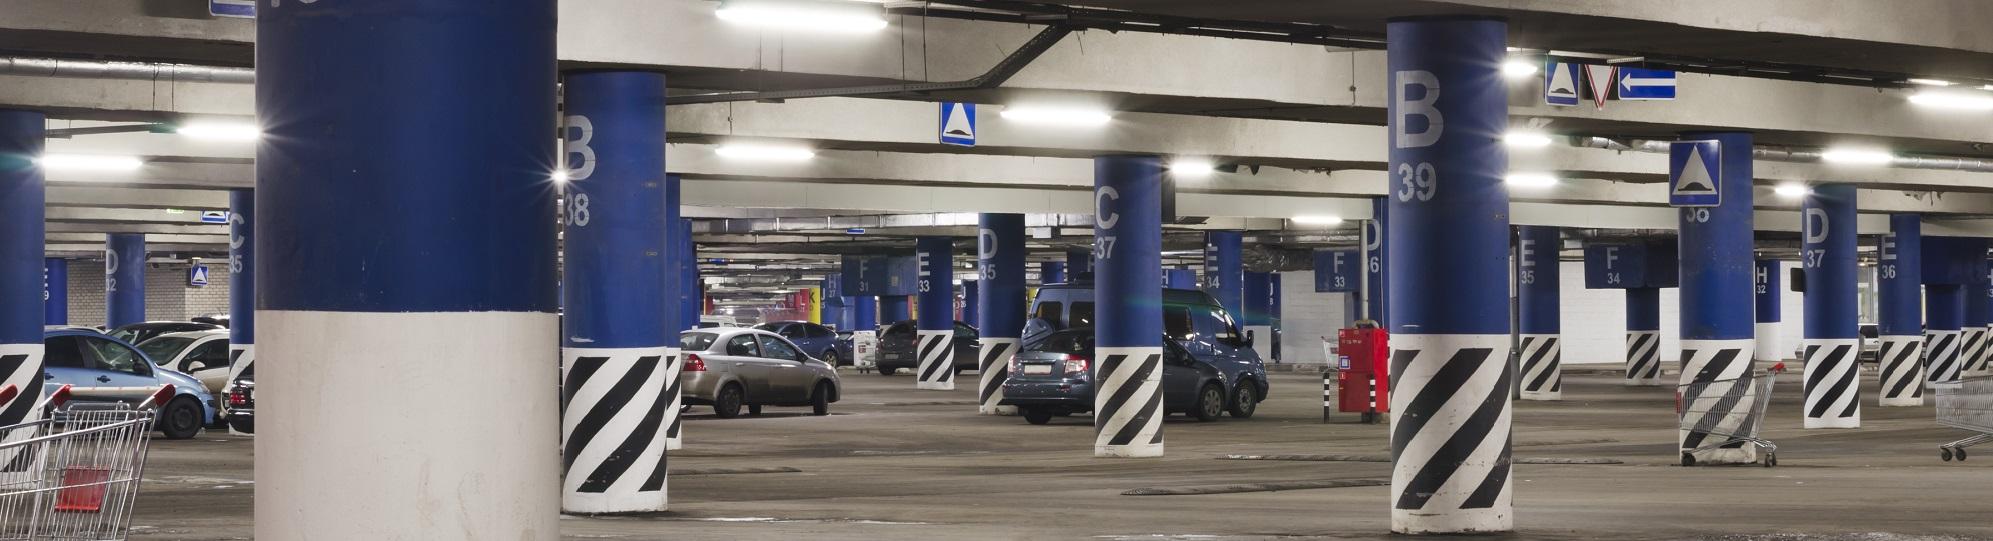 Parkgaragenbeleuchtung